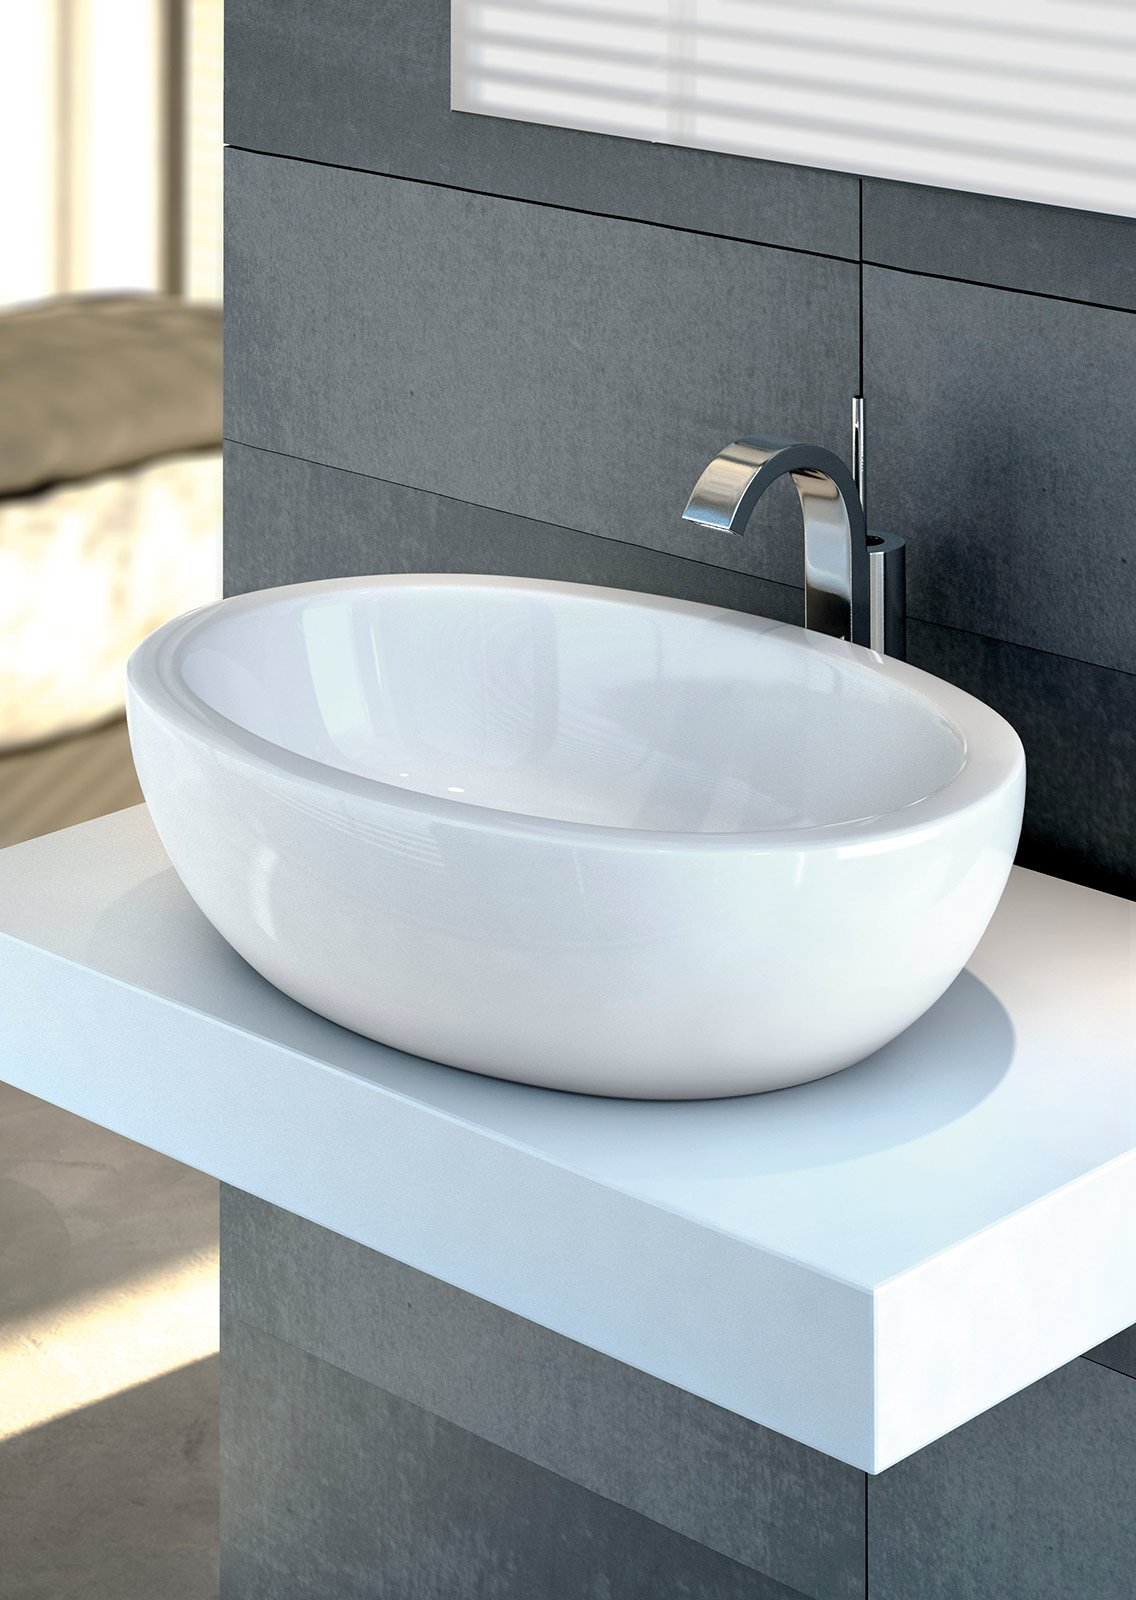 Rivestimento resina bagno prezzi : rivestimento resina bagno ...